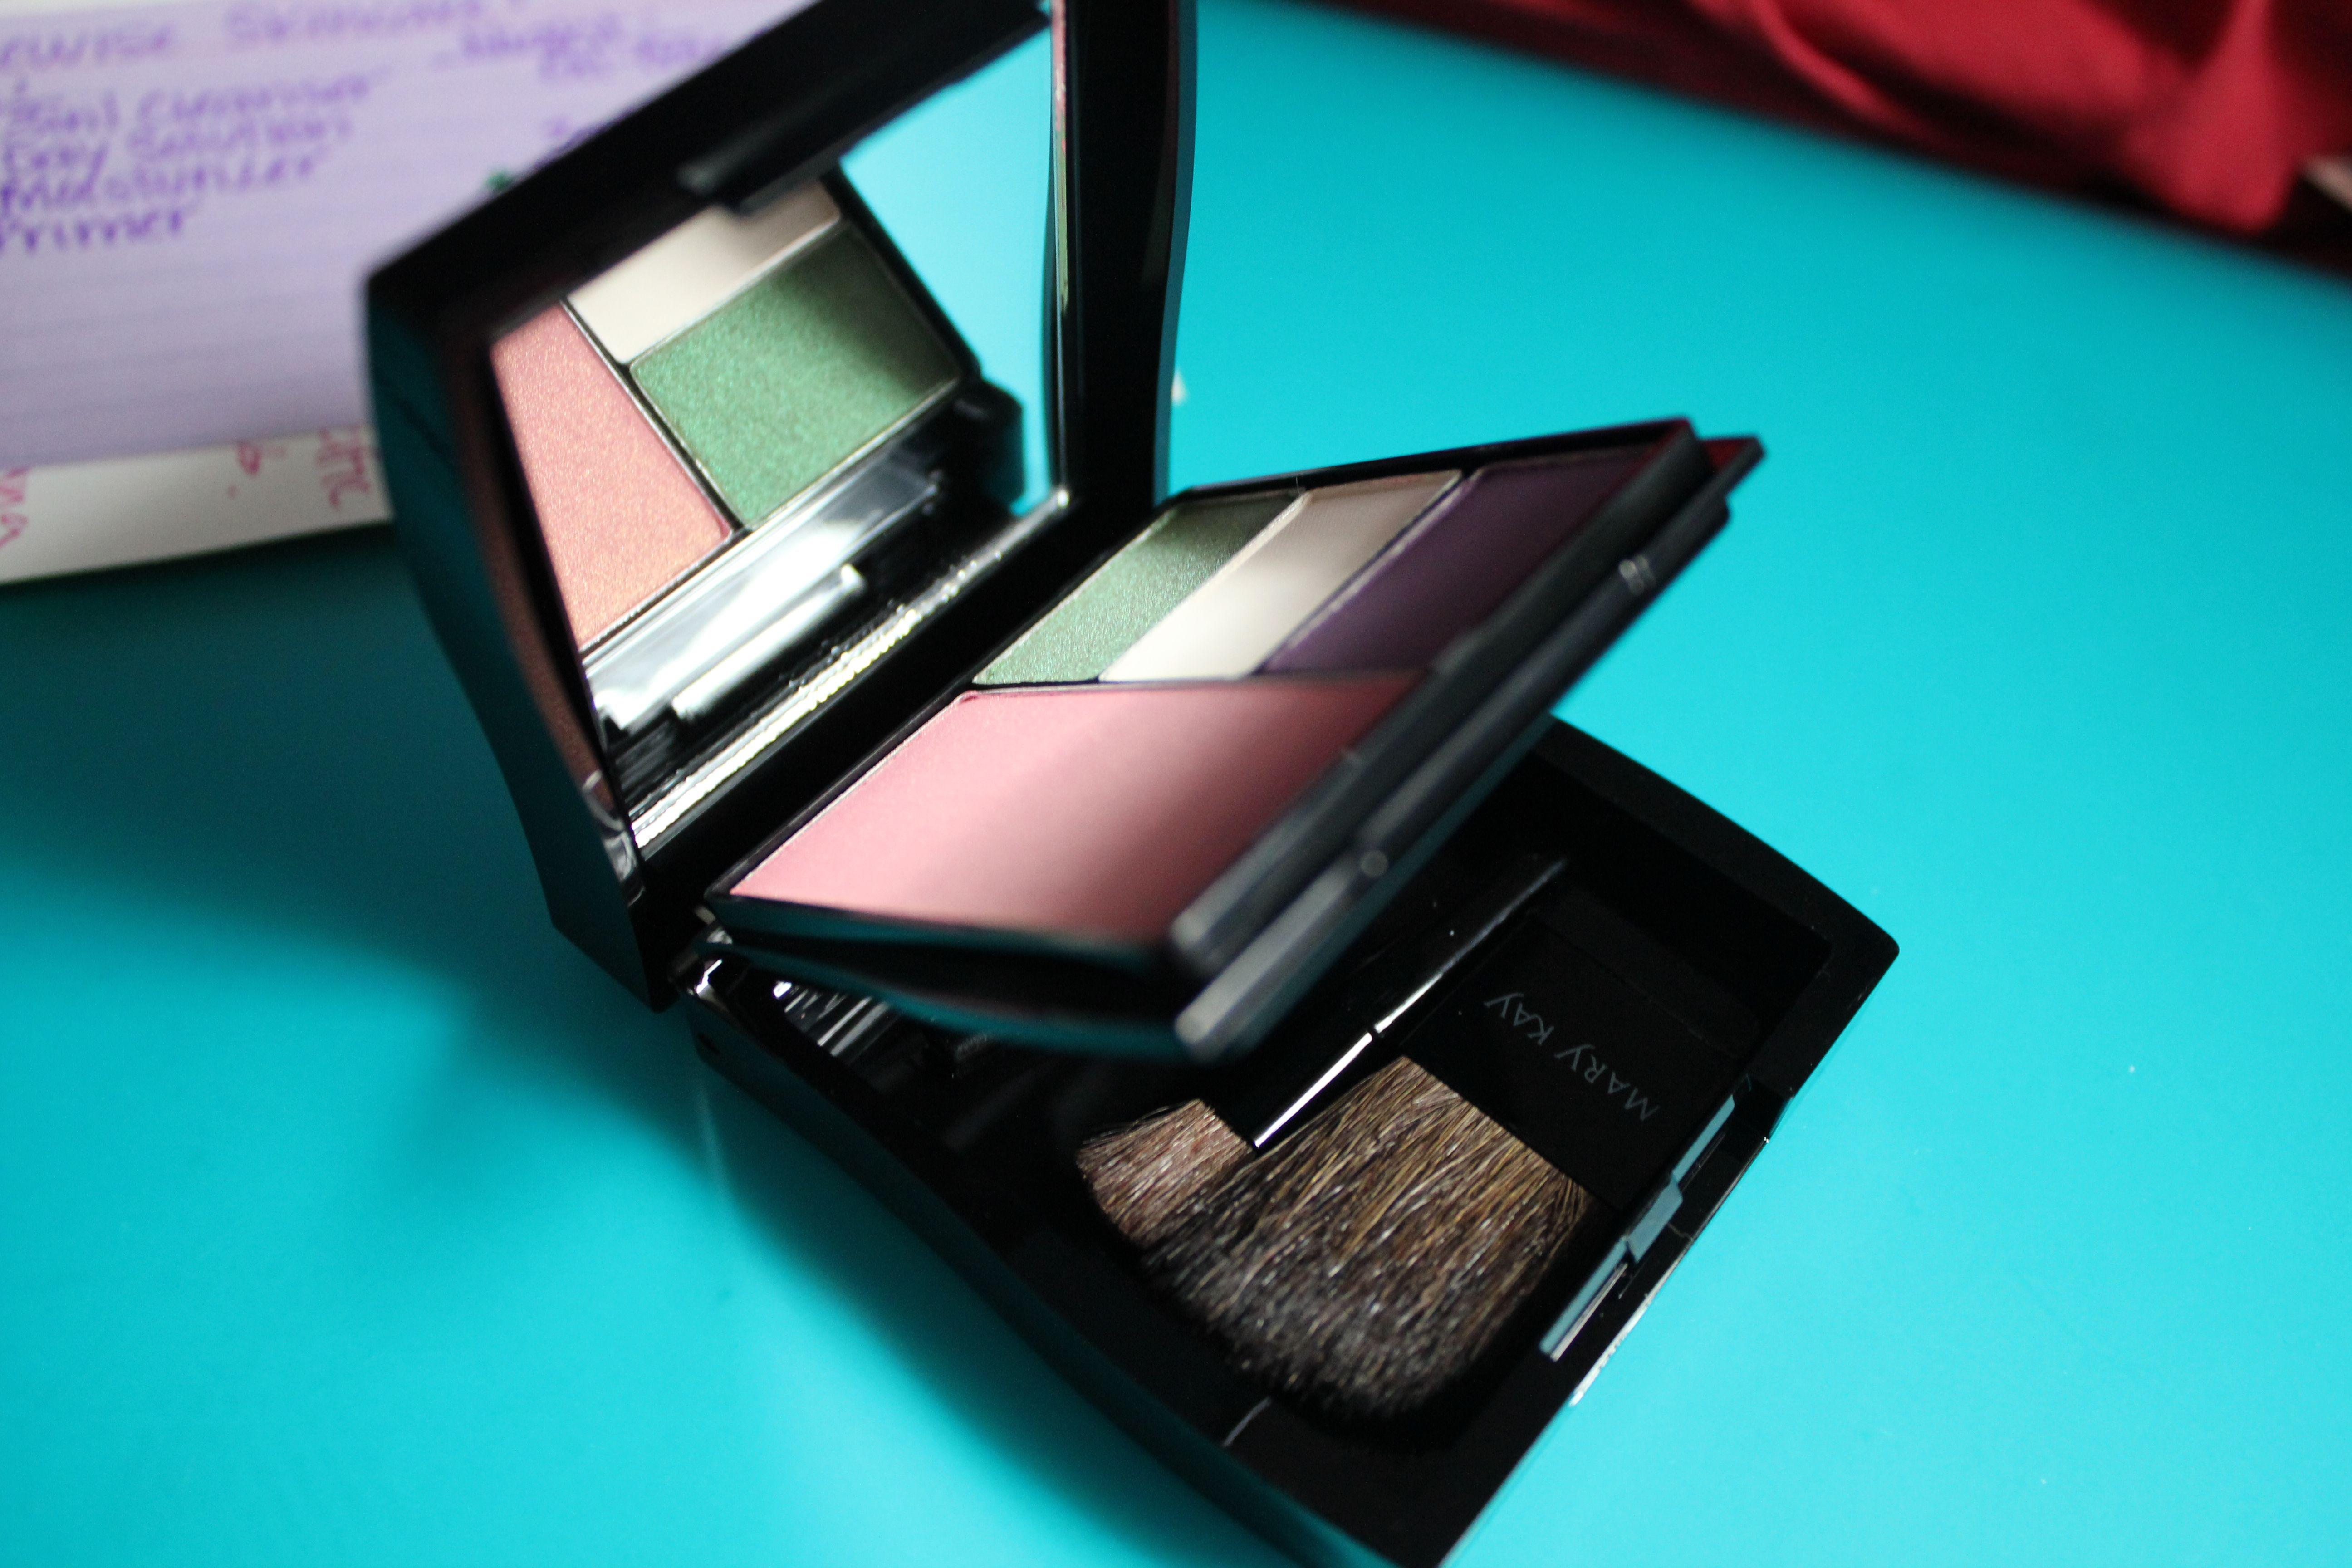 A Beauty Review Mary Kay Cosmetics Mary kay cosmetics